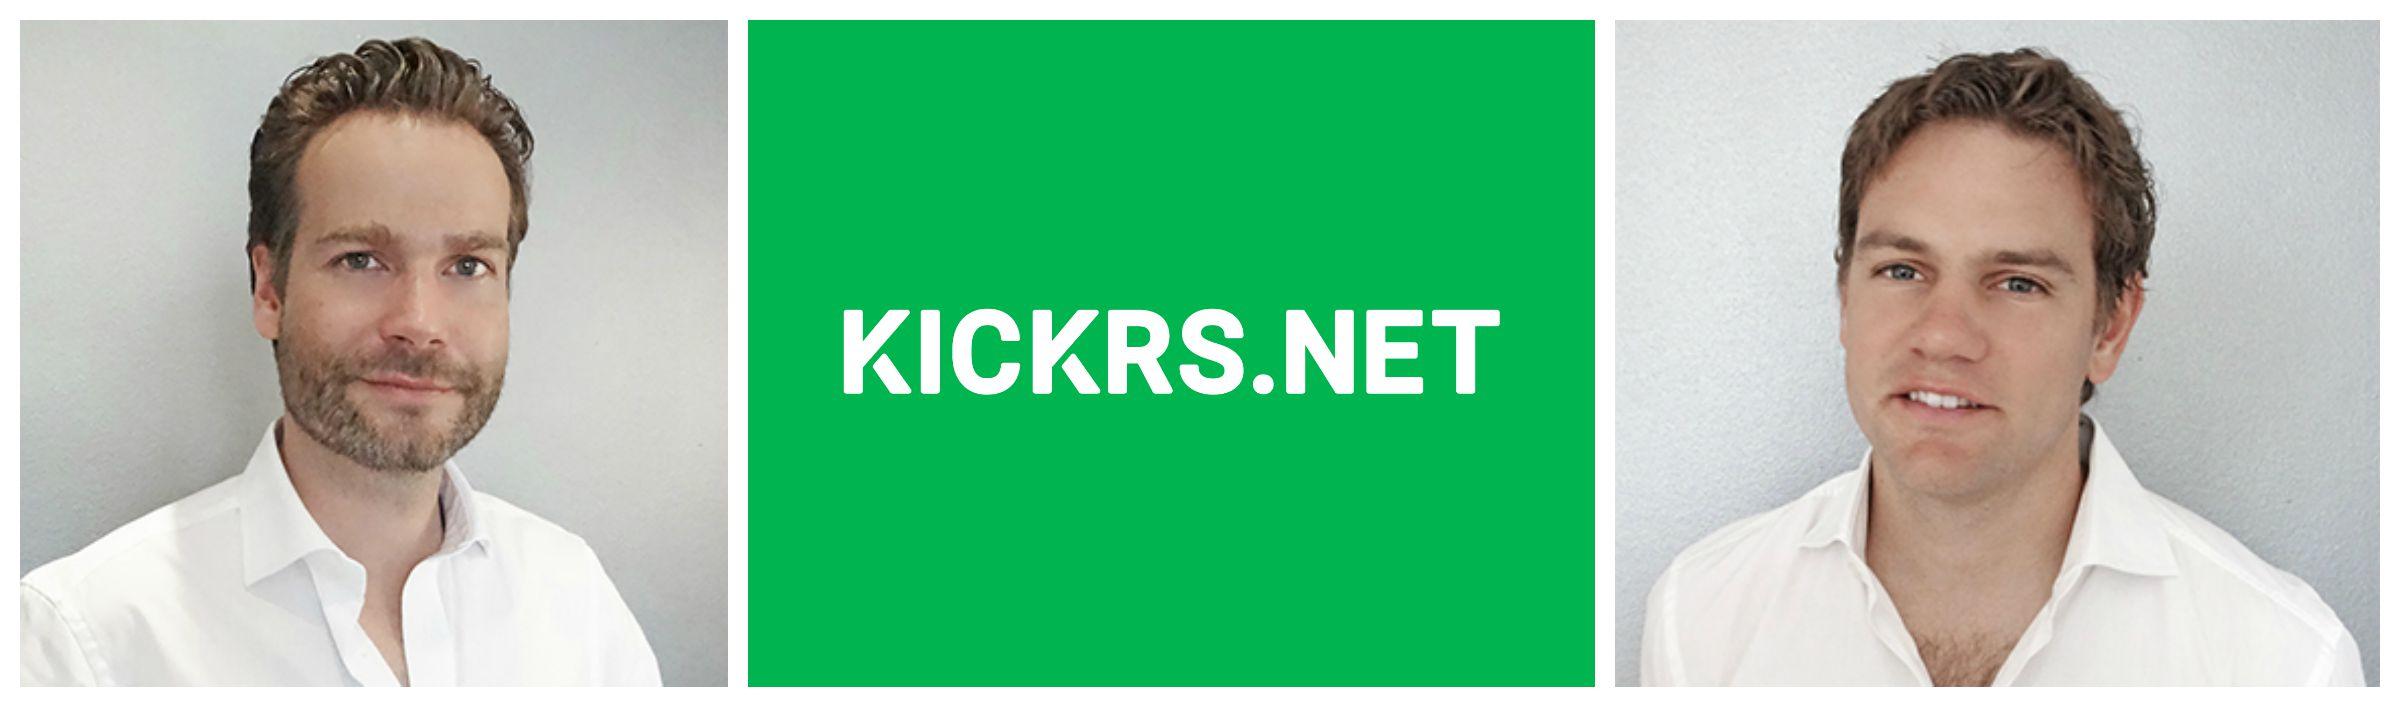 Συνέντευξη StartUp.gr: KICKRS.NET